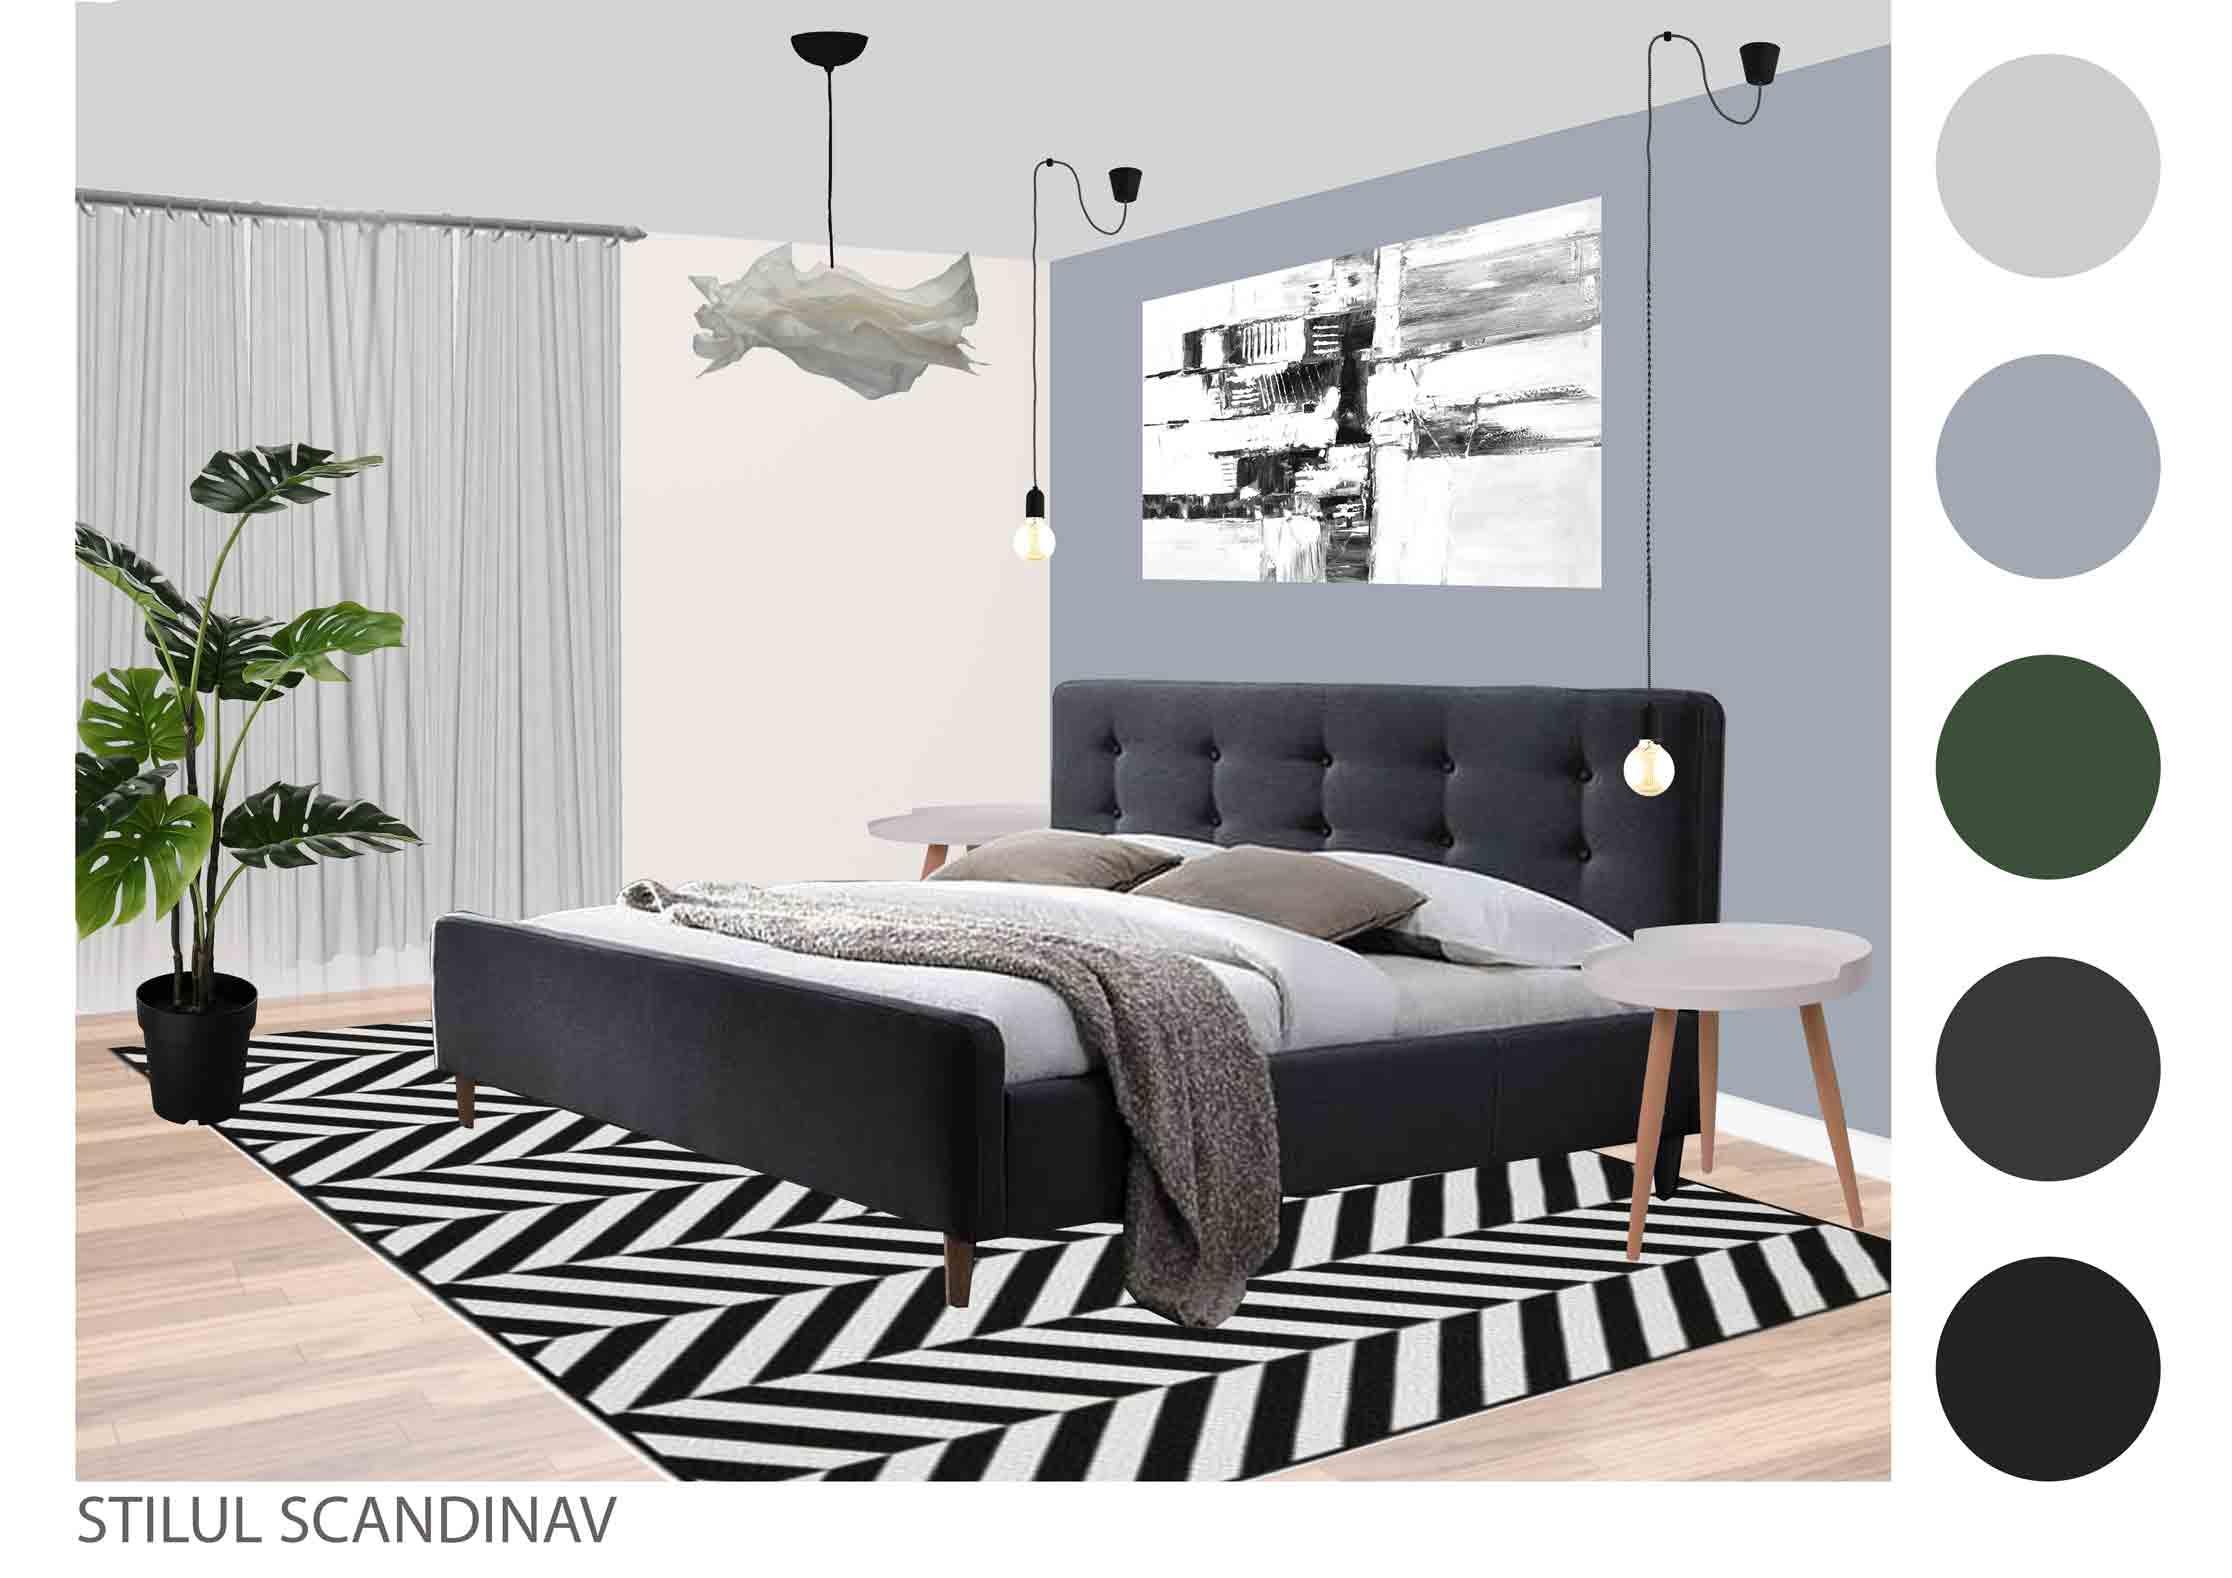 dormitor in stil scandinav